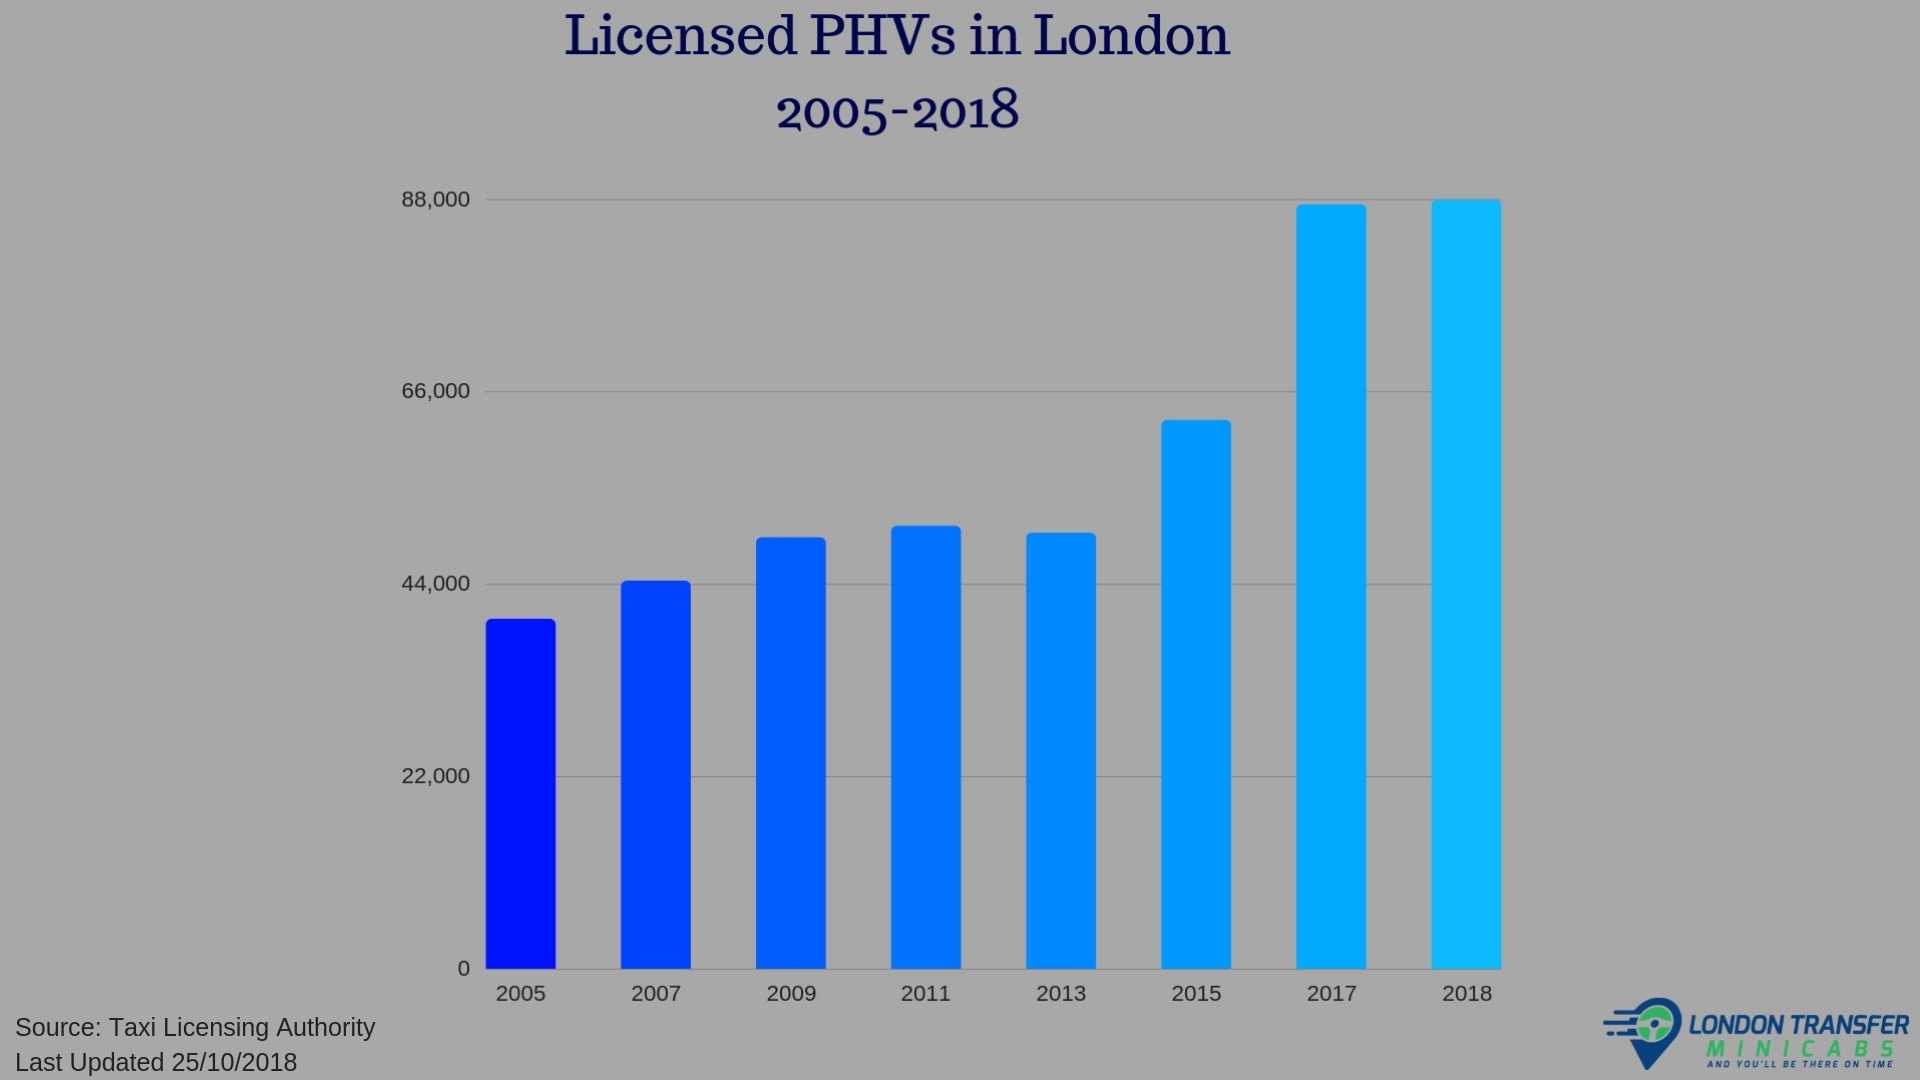 Licensed PHVs in London 2005-2018